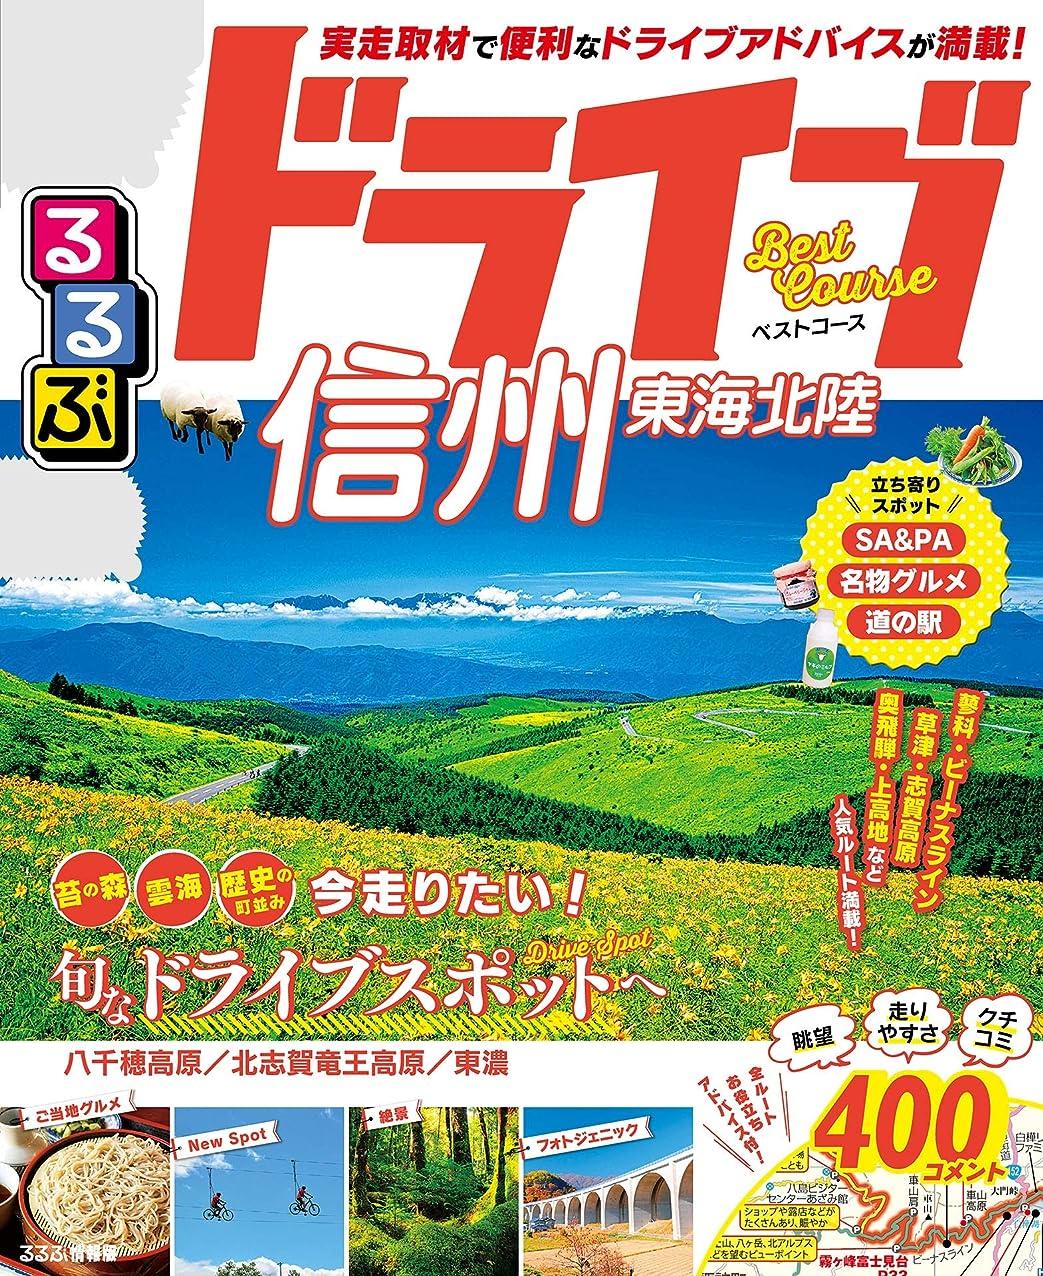 ロック解除拡張パールるるぶドライブ信州 東海 北陸ベストコース(2020年版) (るるぶ情報版(ドライブ))